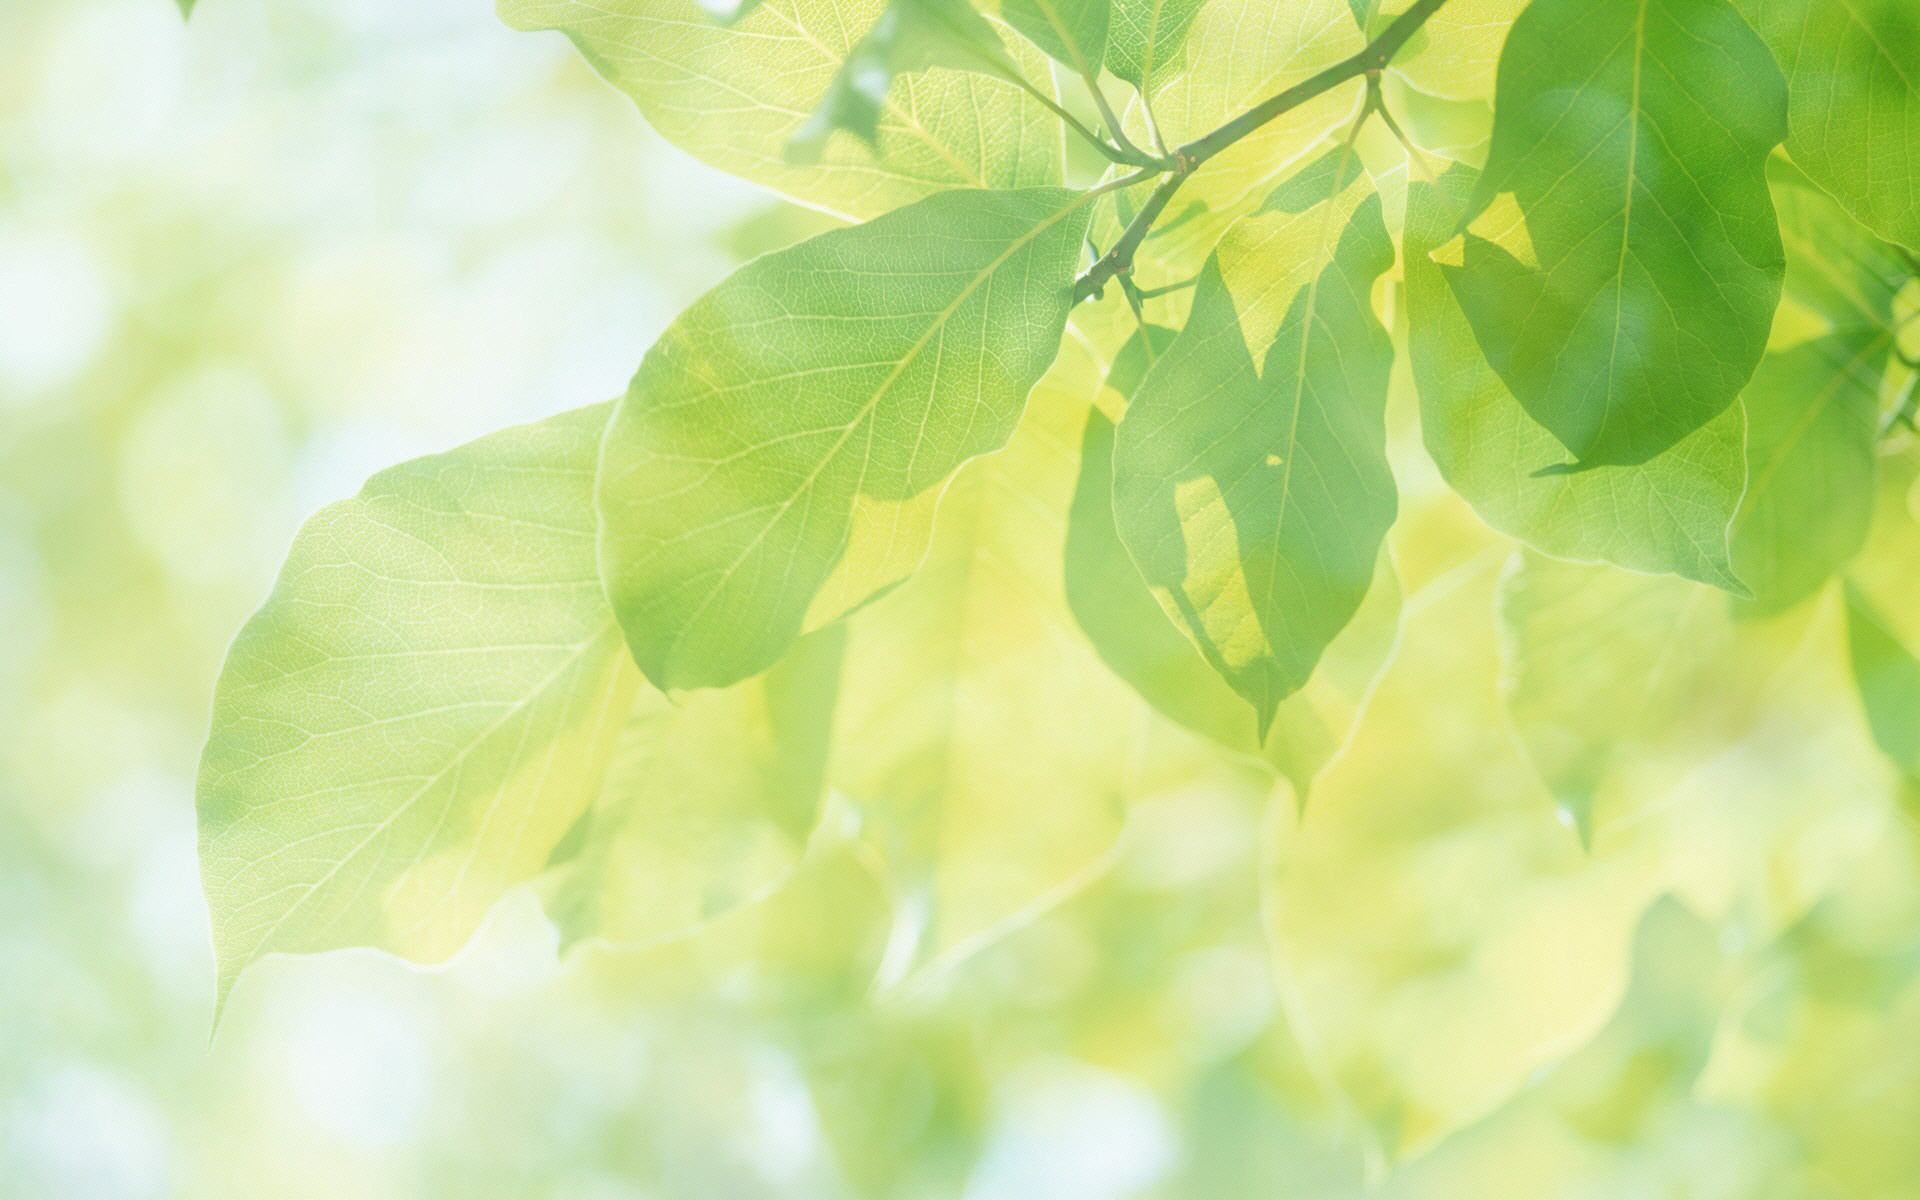 绿色风景植物高清壁纸[50p]